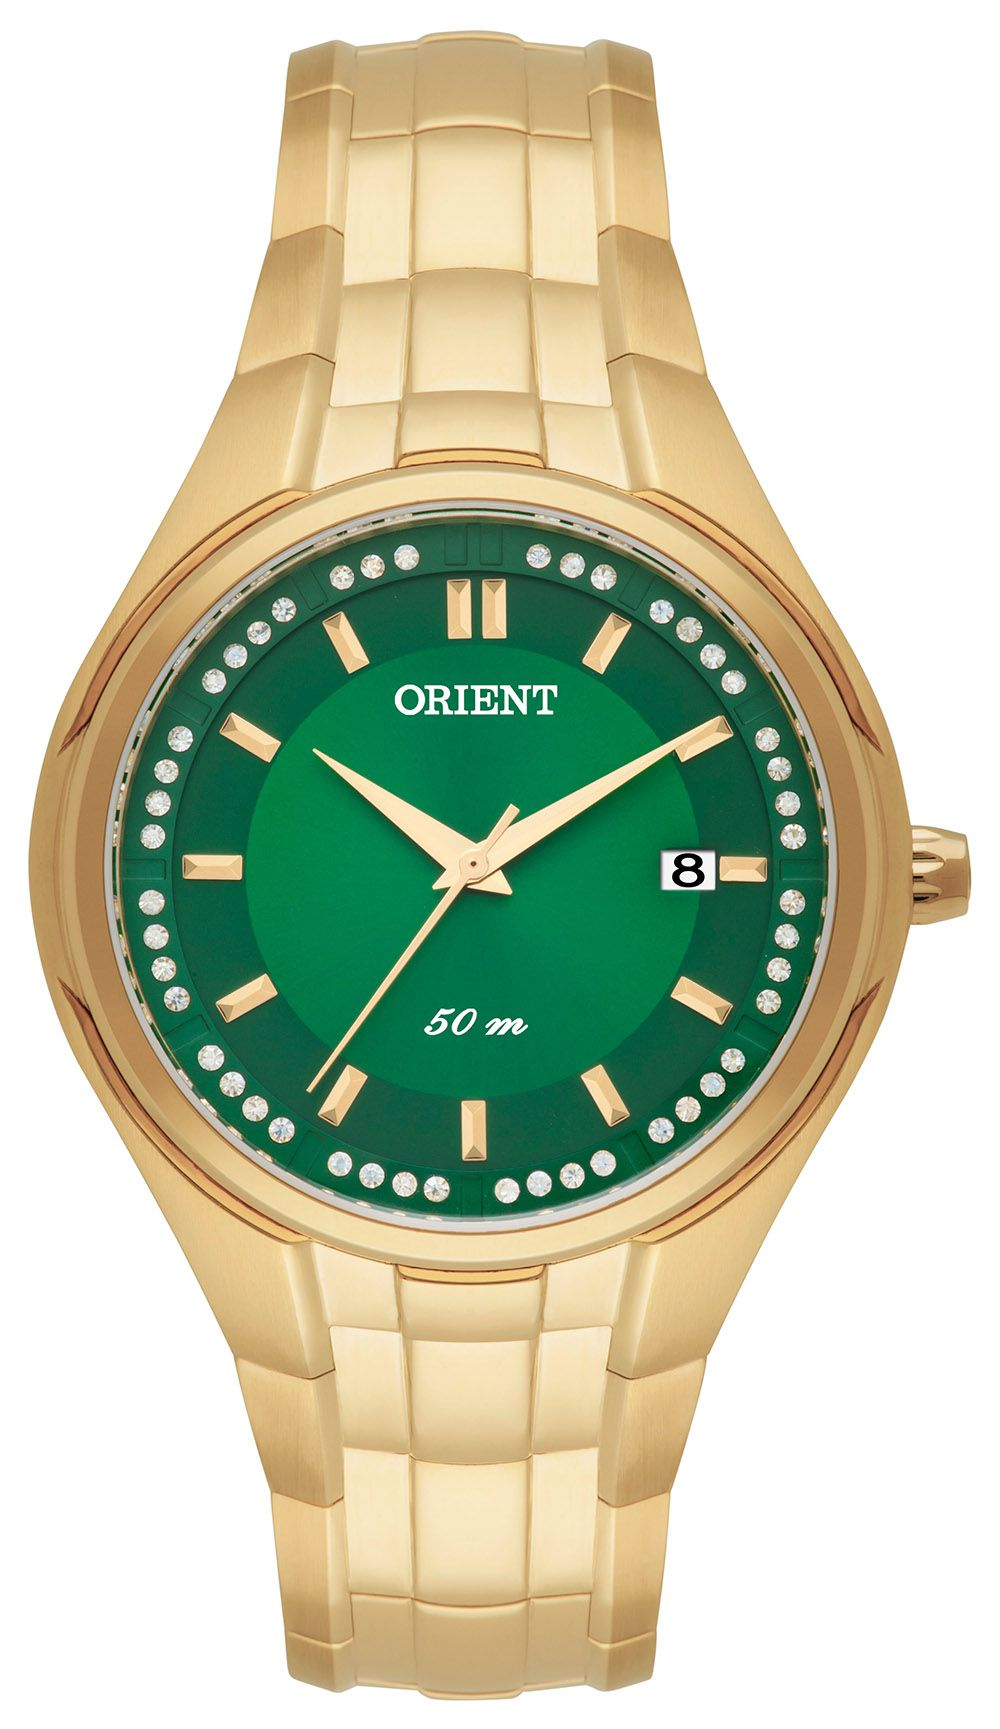 Relógio Feminino Orient FGSS1108-E1KX Dourado